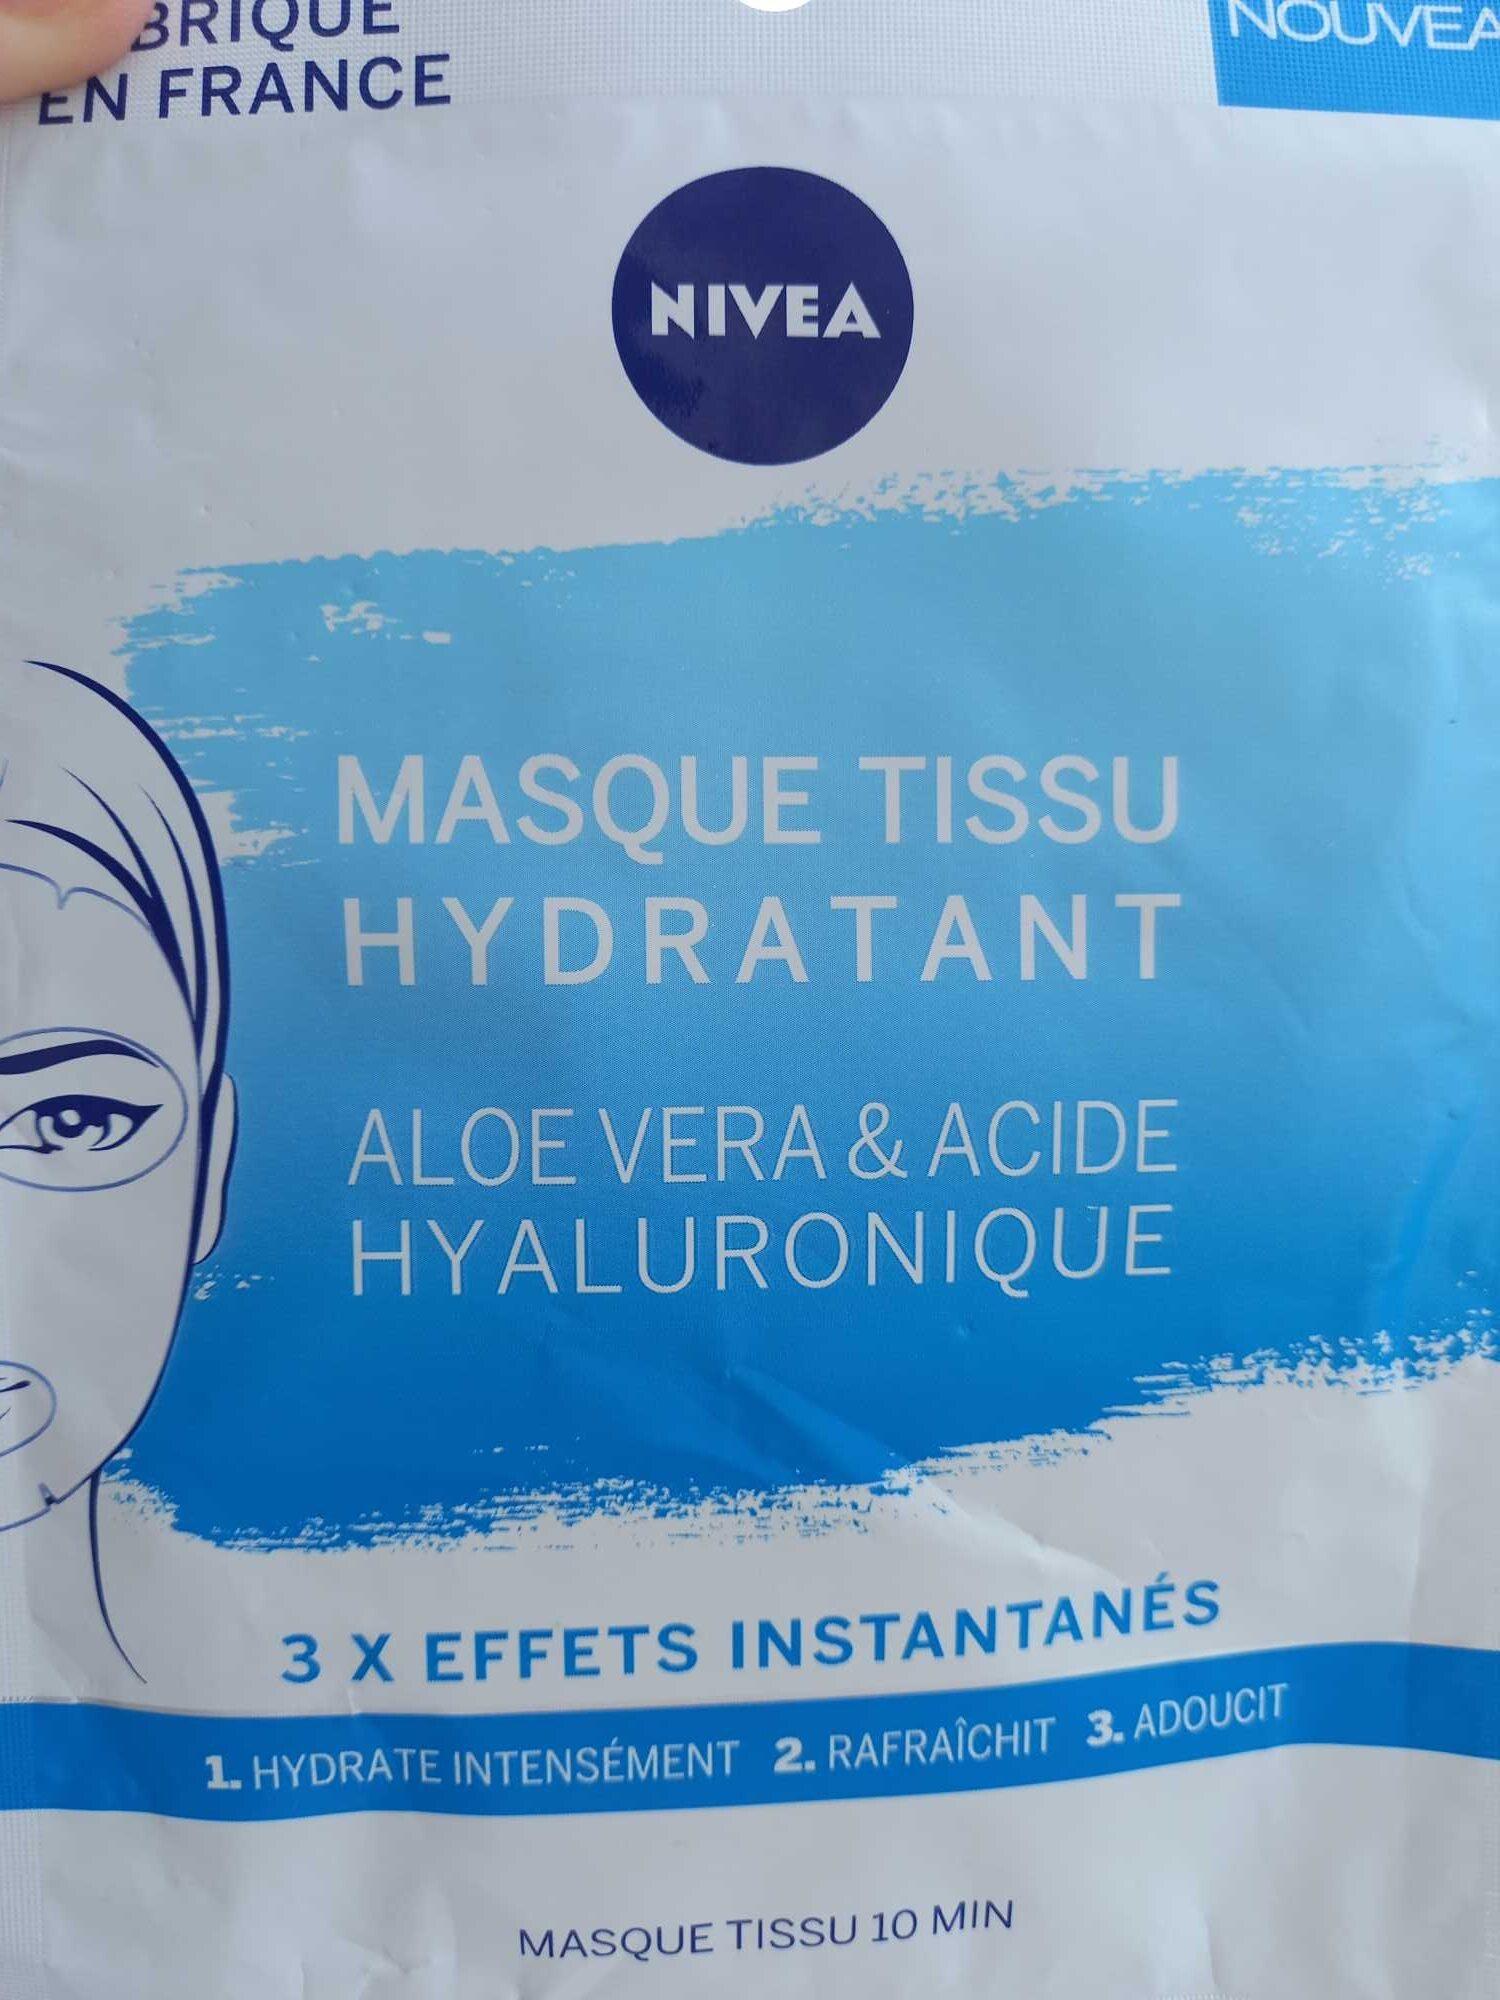 Masque tissu hydratant - Product - fr